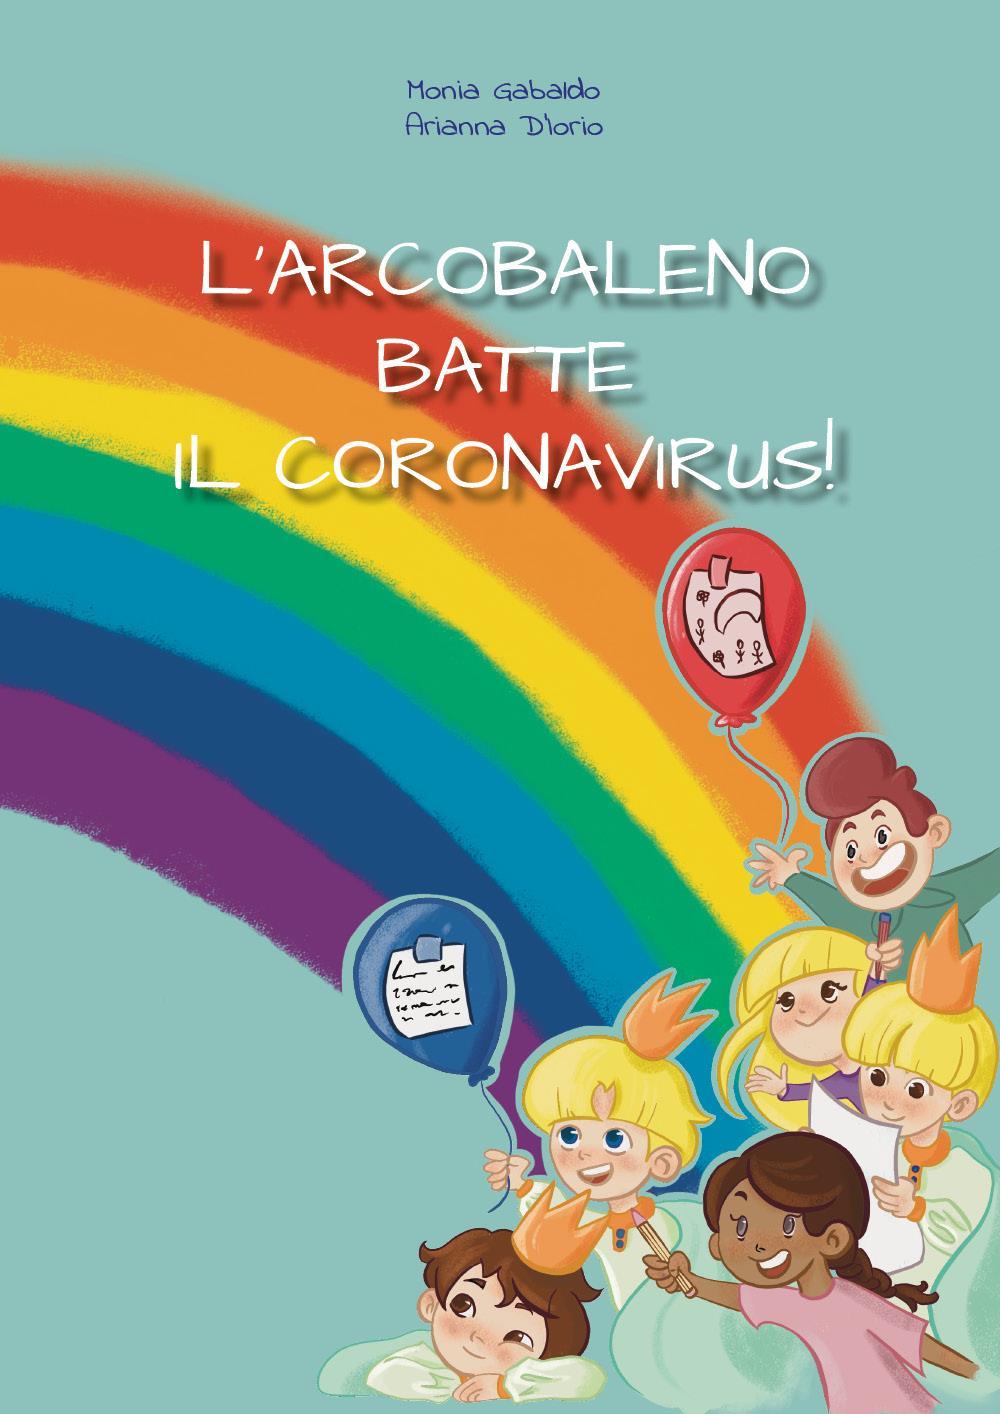 L' Arcobaleno batte il Coronavirus